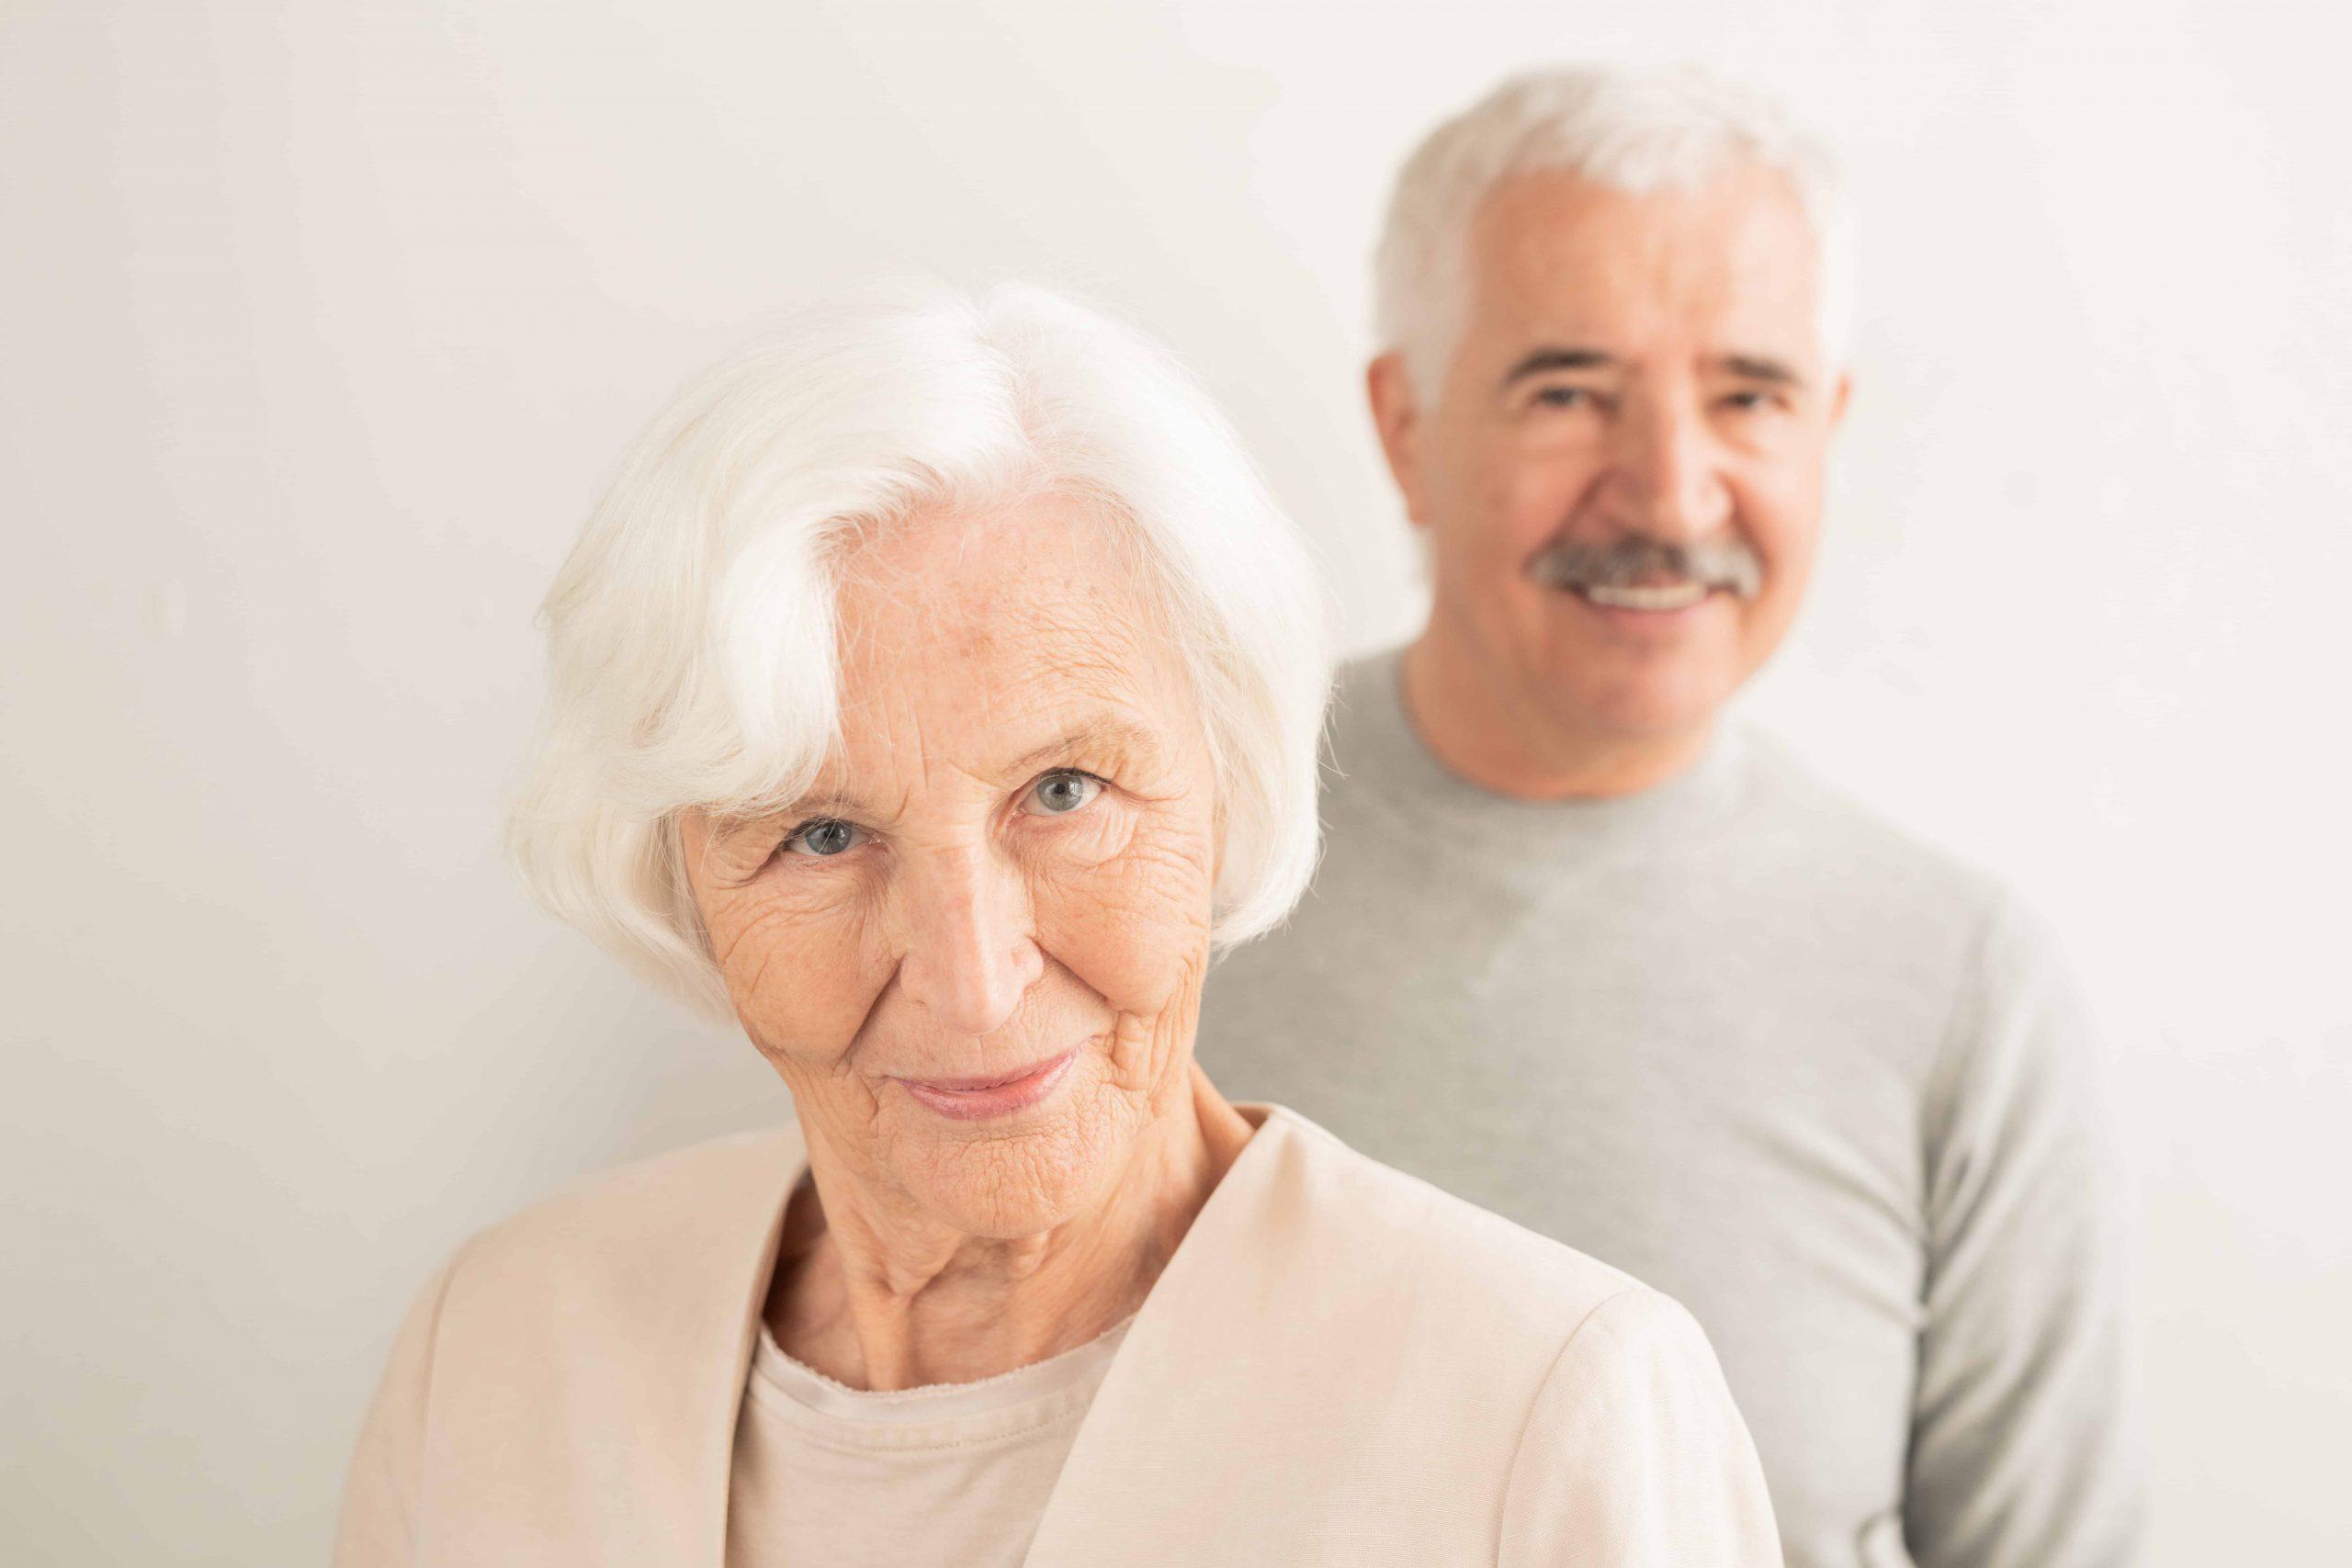 תרופות סבתא לטיפול בשפיכה מהירה